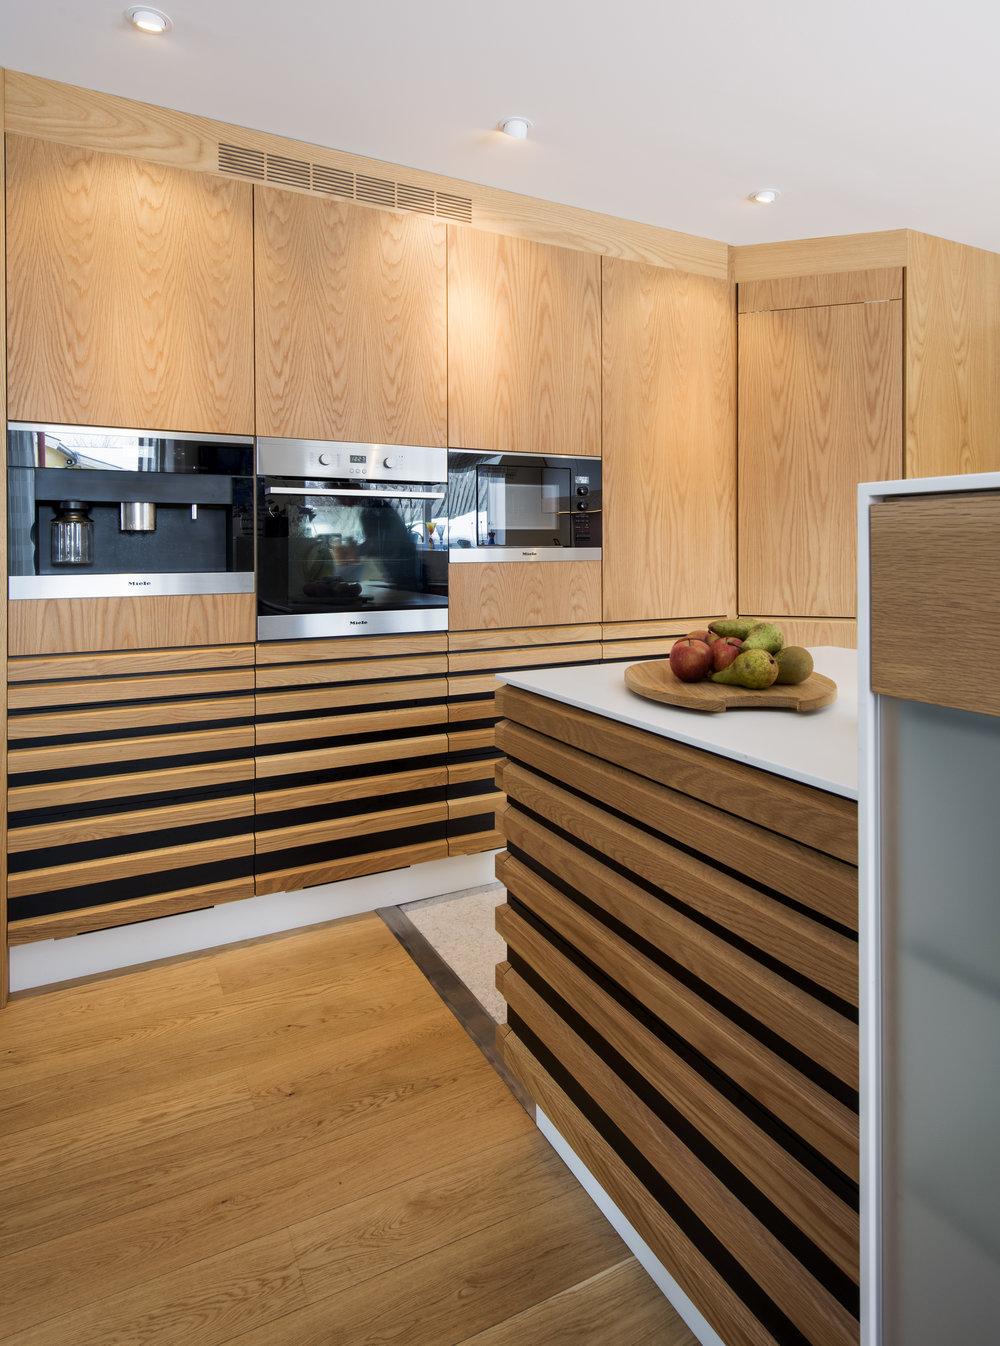 kjøkken-gradert-eikespiler-skreddersydd-tronheim-12.jpg